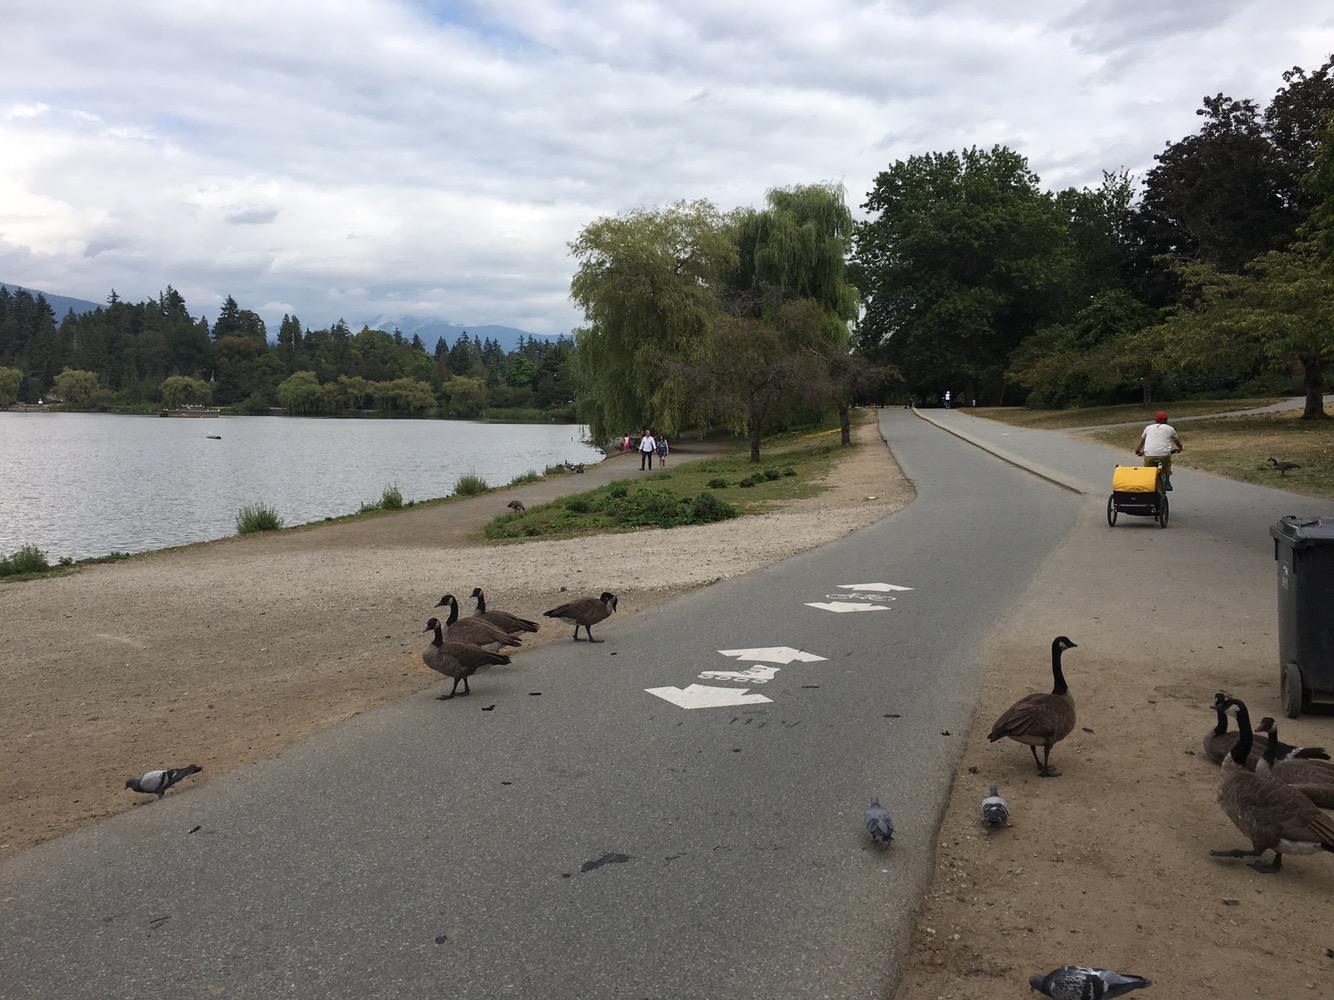 geese on bike lane